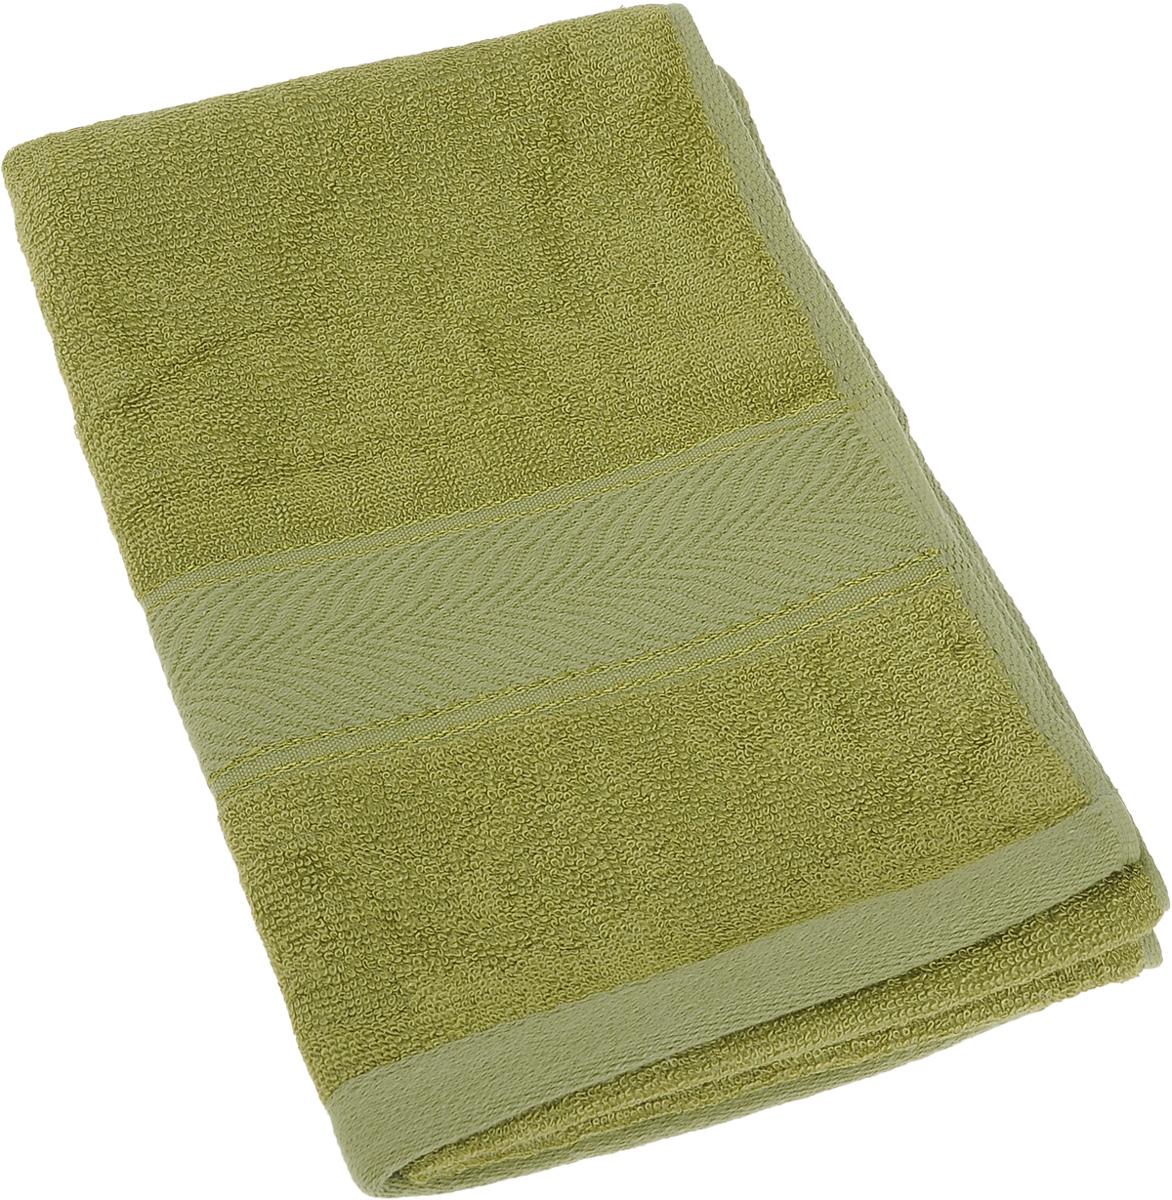 Полотенце Soavita Stefano, цвет: зеленый, 30 х 70 см64095Полотенце Soavita Stefano выполнено из 100% бамбукового волокна. Изделие отлично впитывает влагу, быстро сохнет, сохраняет яркость цвета и не теряет форму даже после многократных стирок. Полотенце очень практично и неприхотливо в уходе. Оно создаст прекрасное настроение и украсит интерьер в ванной комнате.